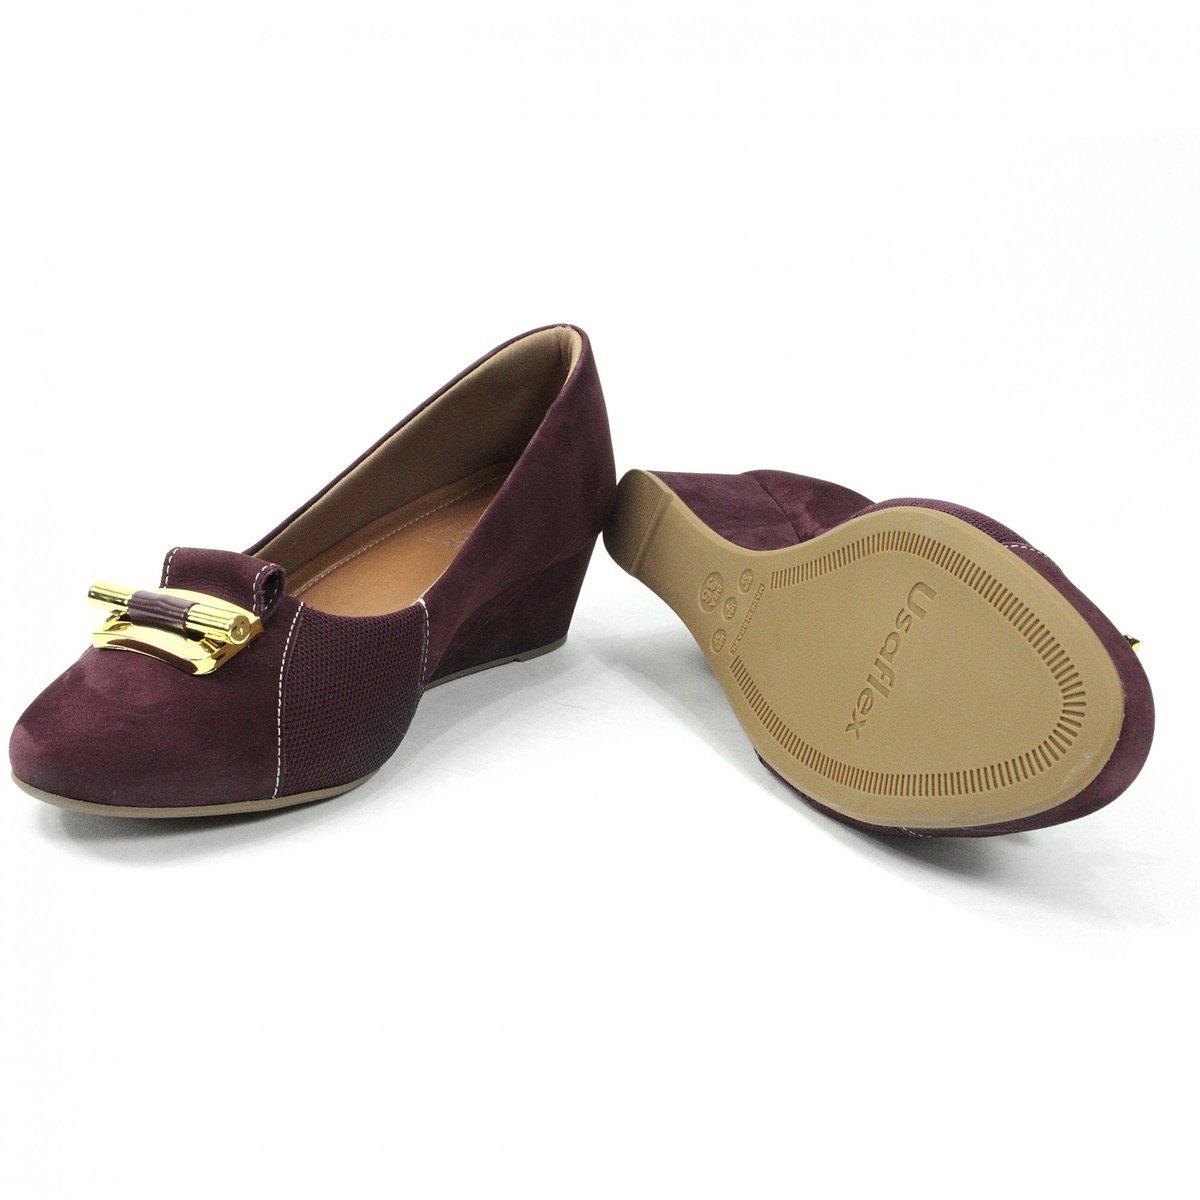 Care Sapato Joanete Joanete Usaflex Care Bordô Usaflex Bordô Usaflex Sapato Sapato Care 5fwHqEwngF